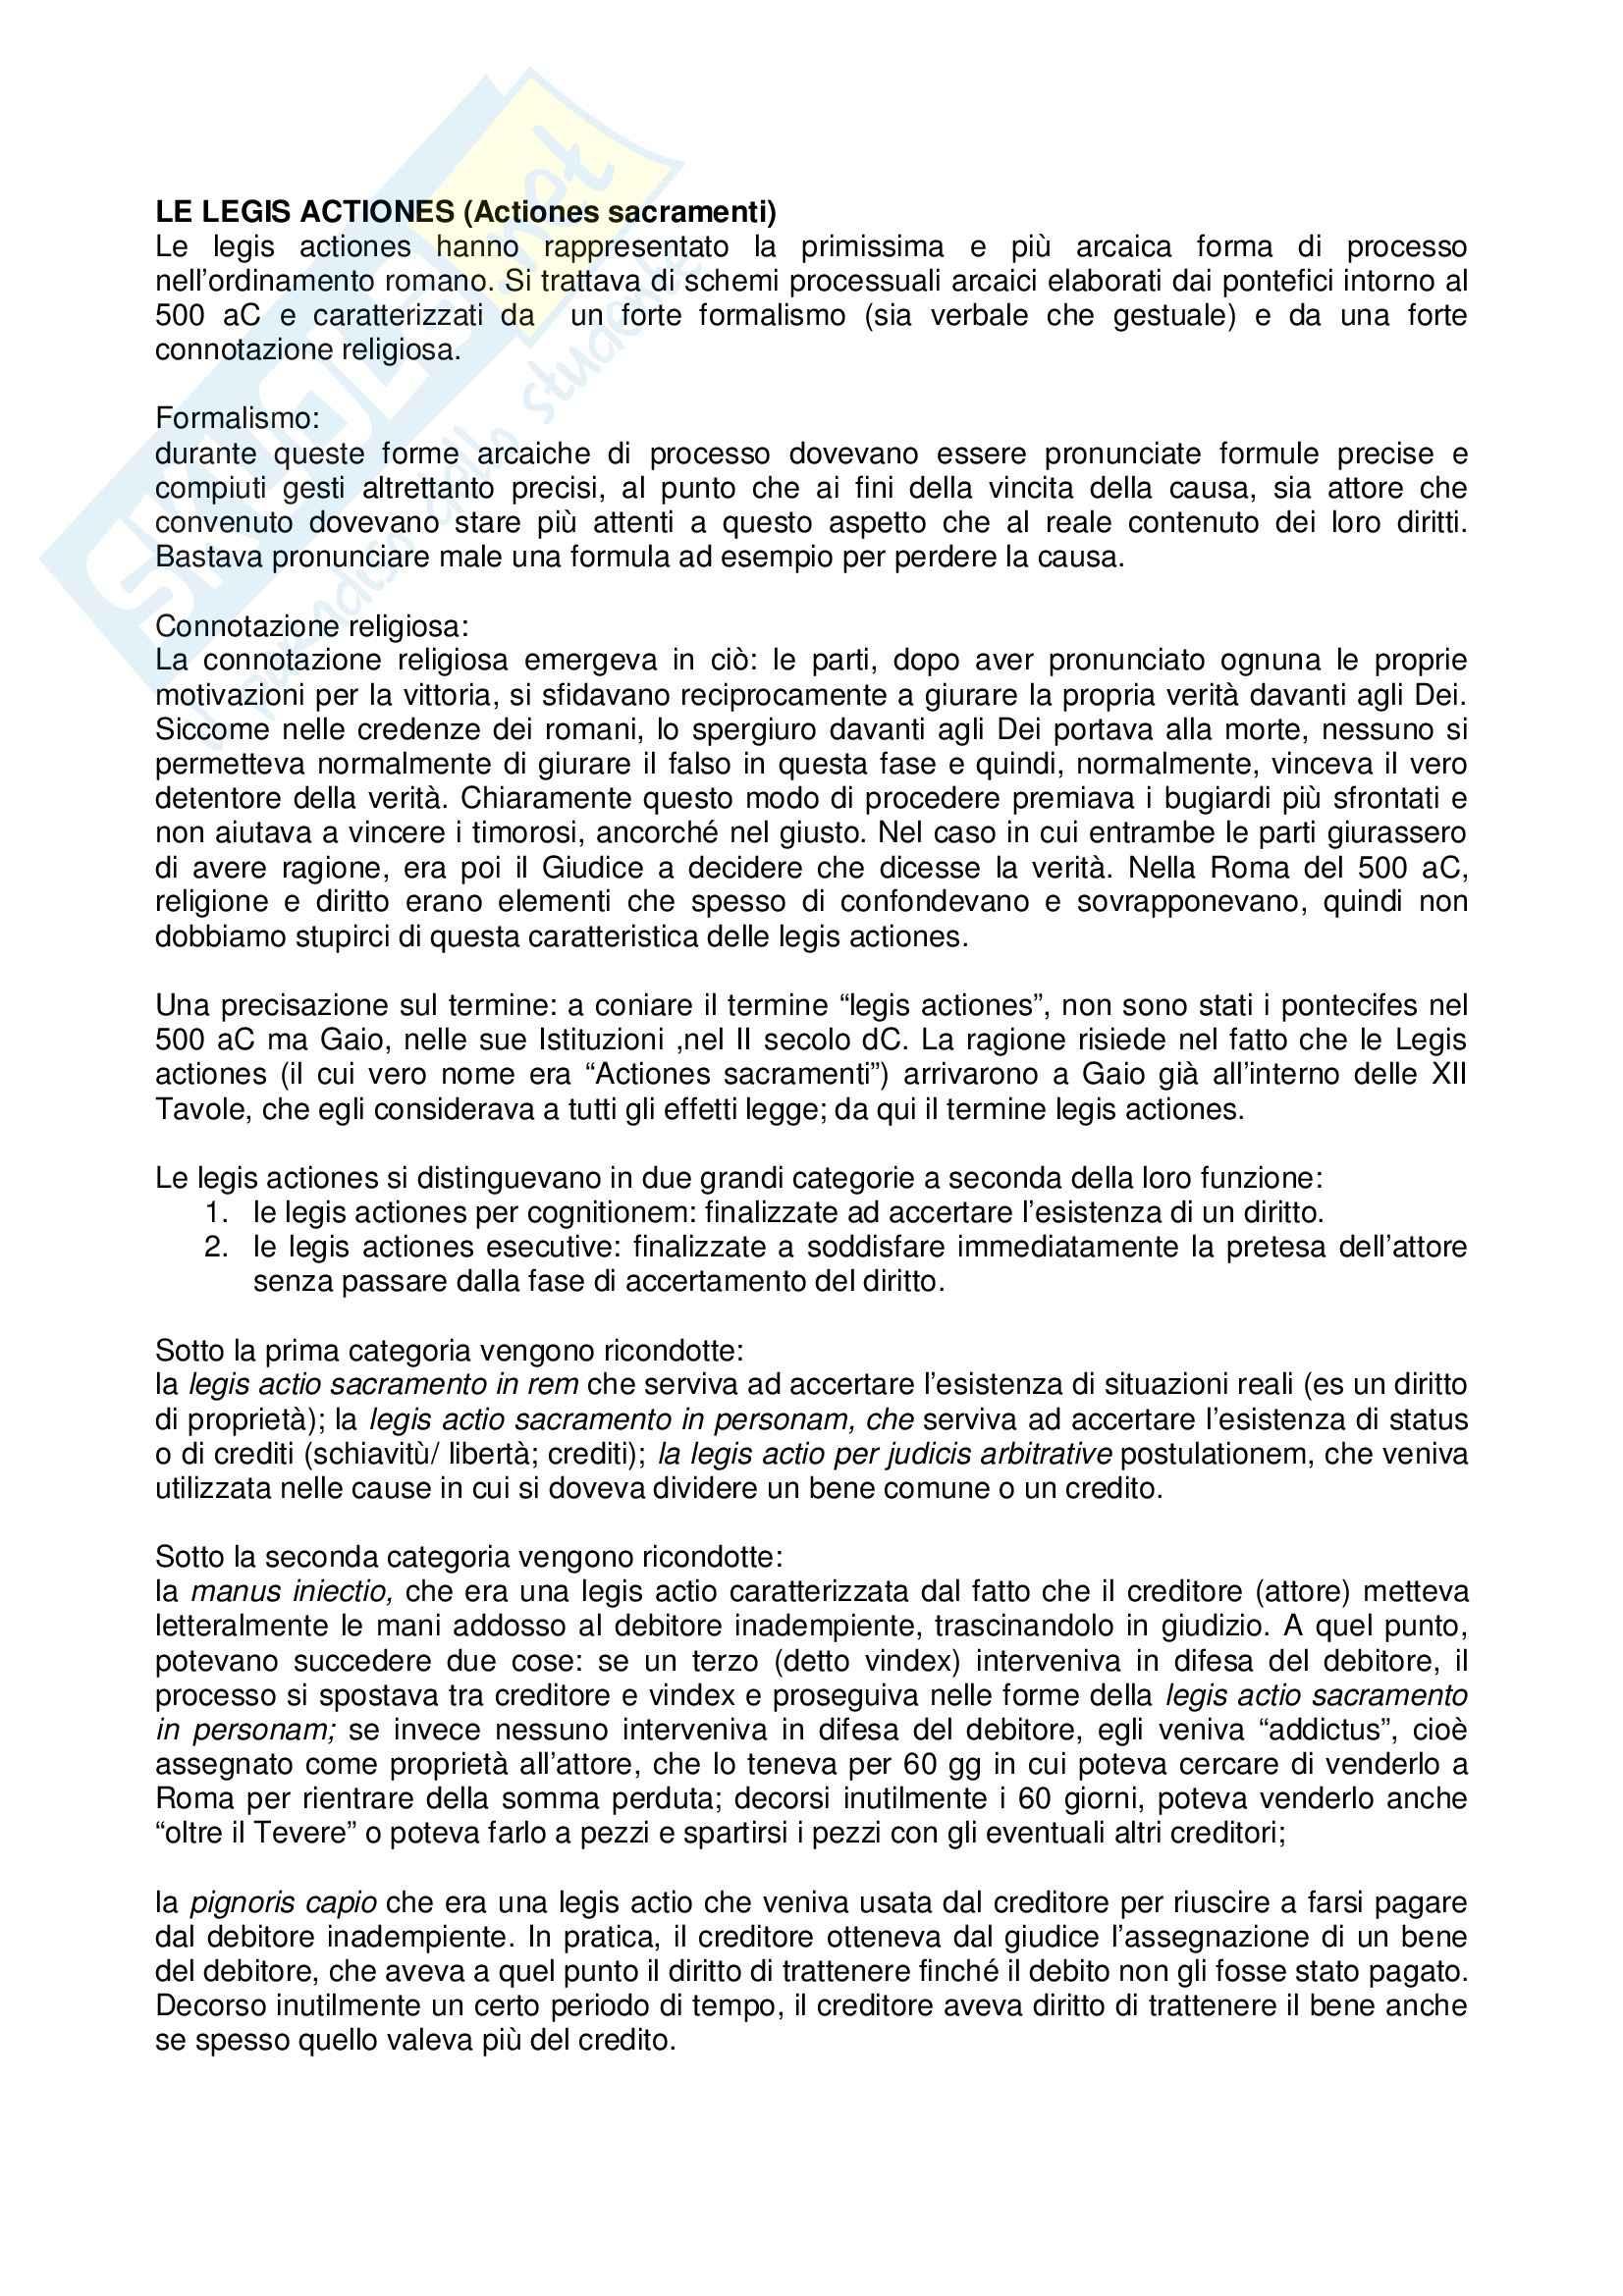 Diritto romano -  Legis Actiones